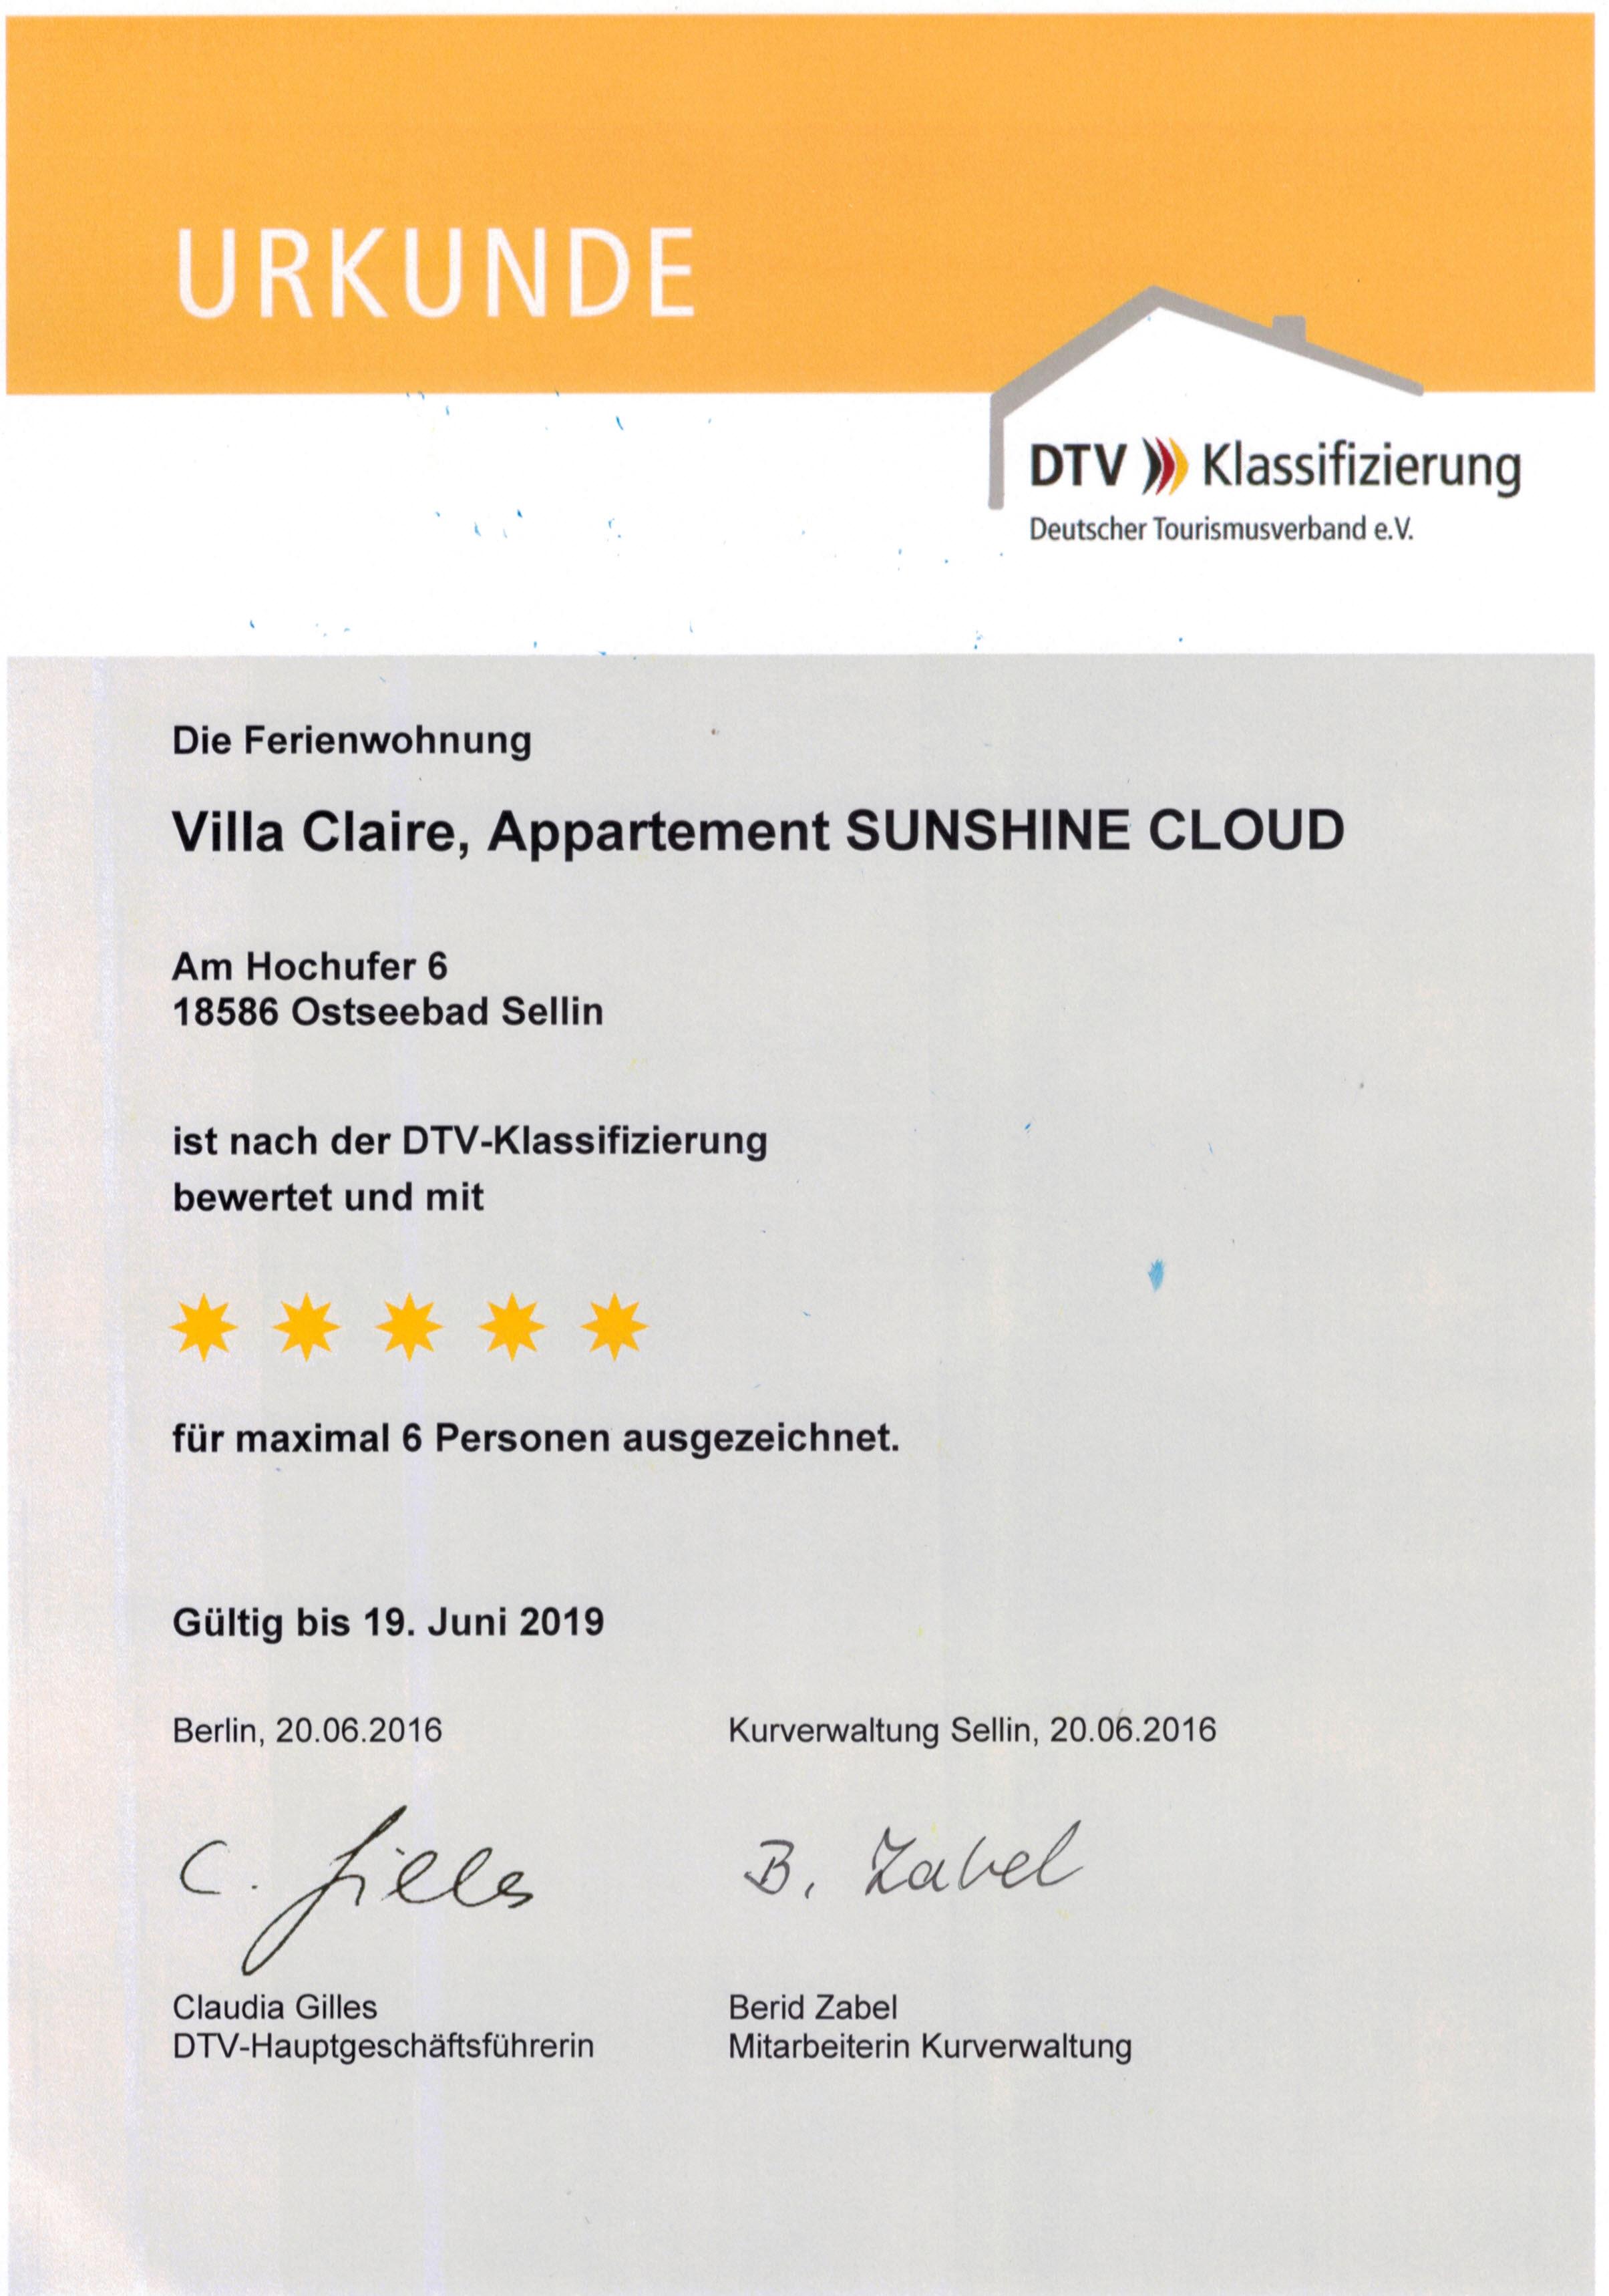 Villa Claire - Luxus-Appartement SUNSHINE CLOUD***** - direkte Strandlage, Sellin